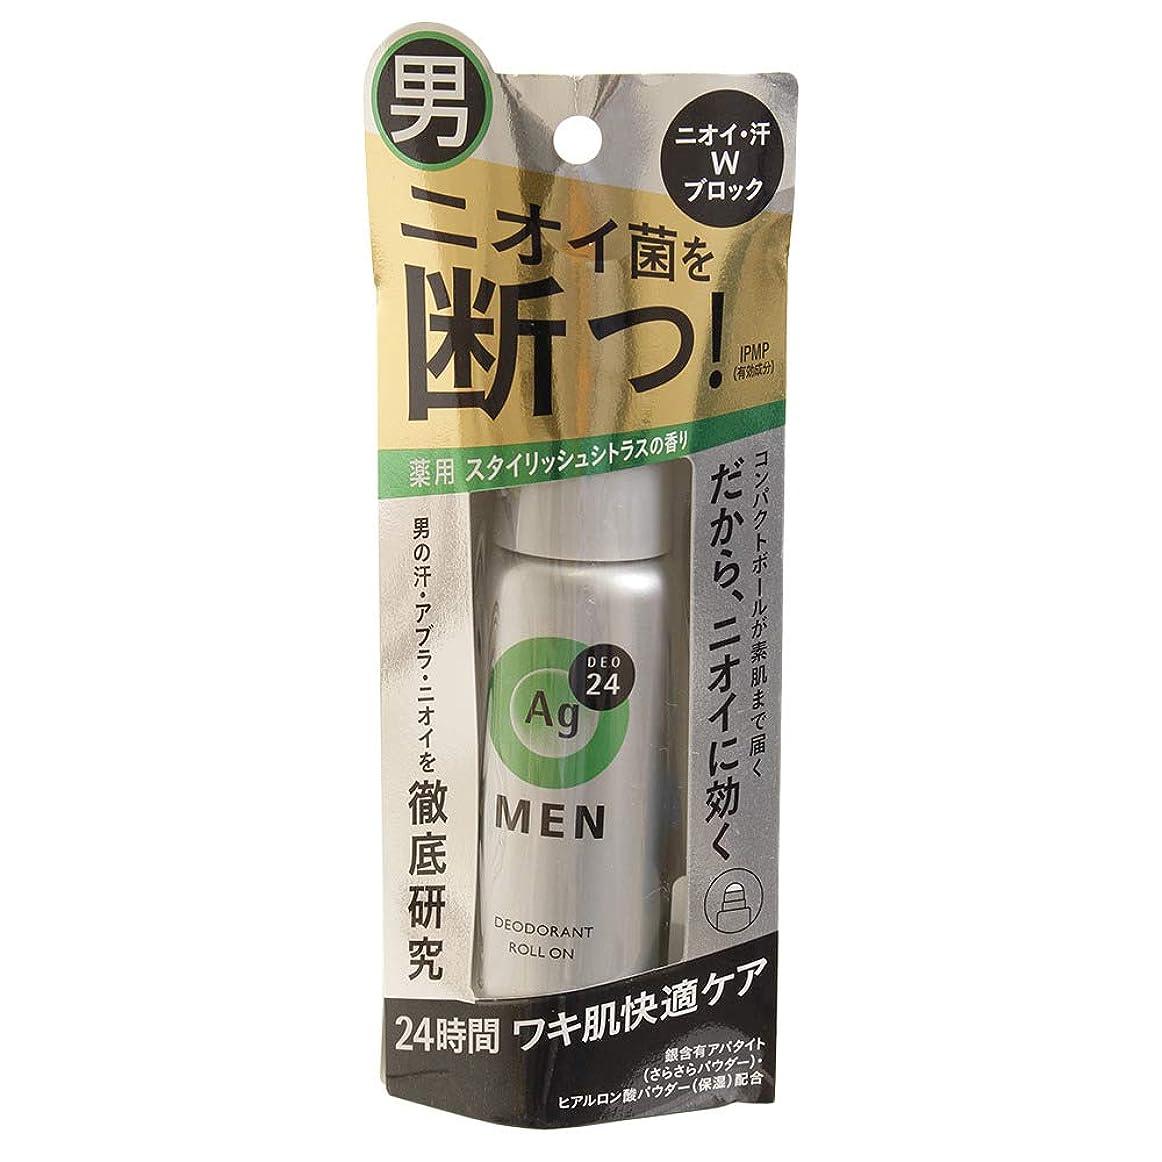 同情ドレイン無限大(資生堂)エージー(Ag)デオ24メン メンズデオドラントロールオン スタイリッシュシトラスの香り 60ml(医薬部外品)(お買い得3個セット)